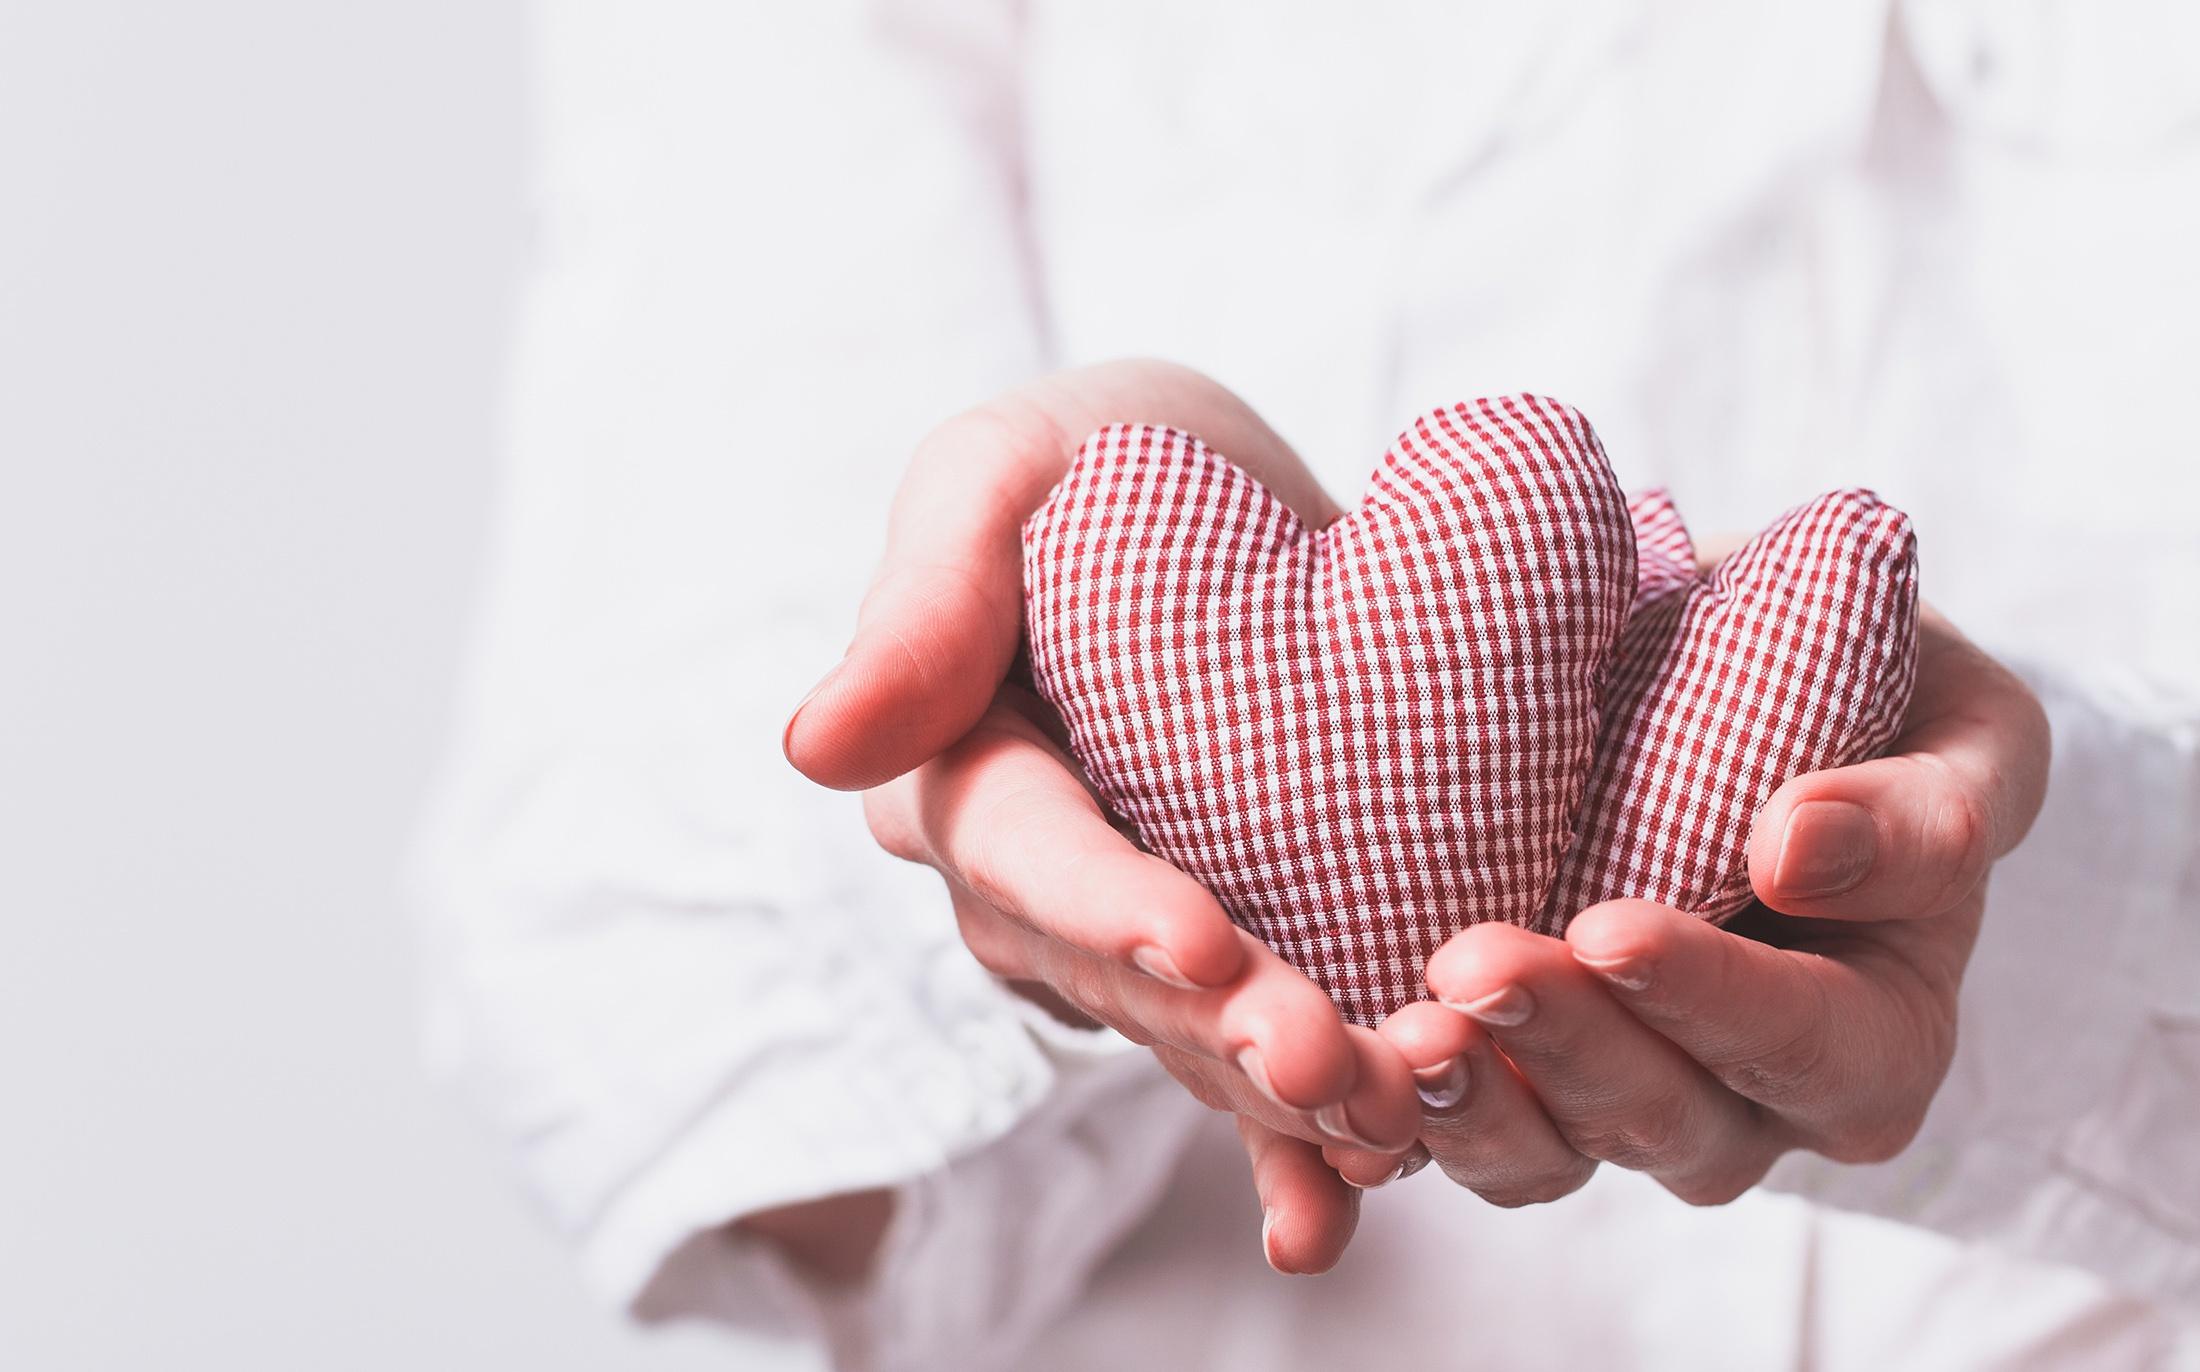 Выложить сердце из денег в фоторамку одно поколение